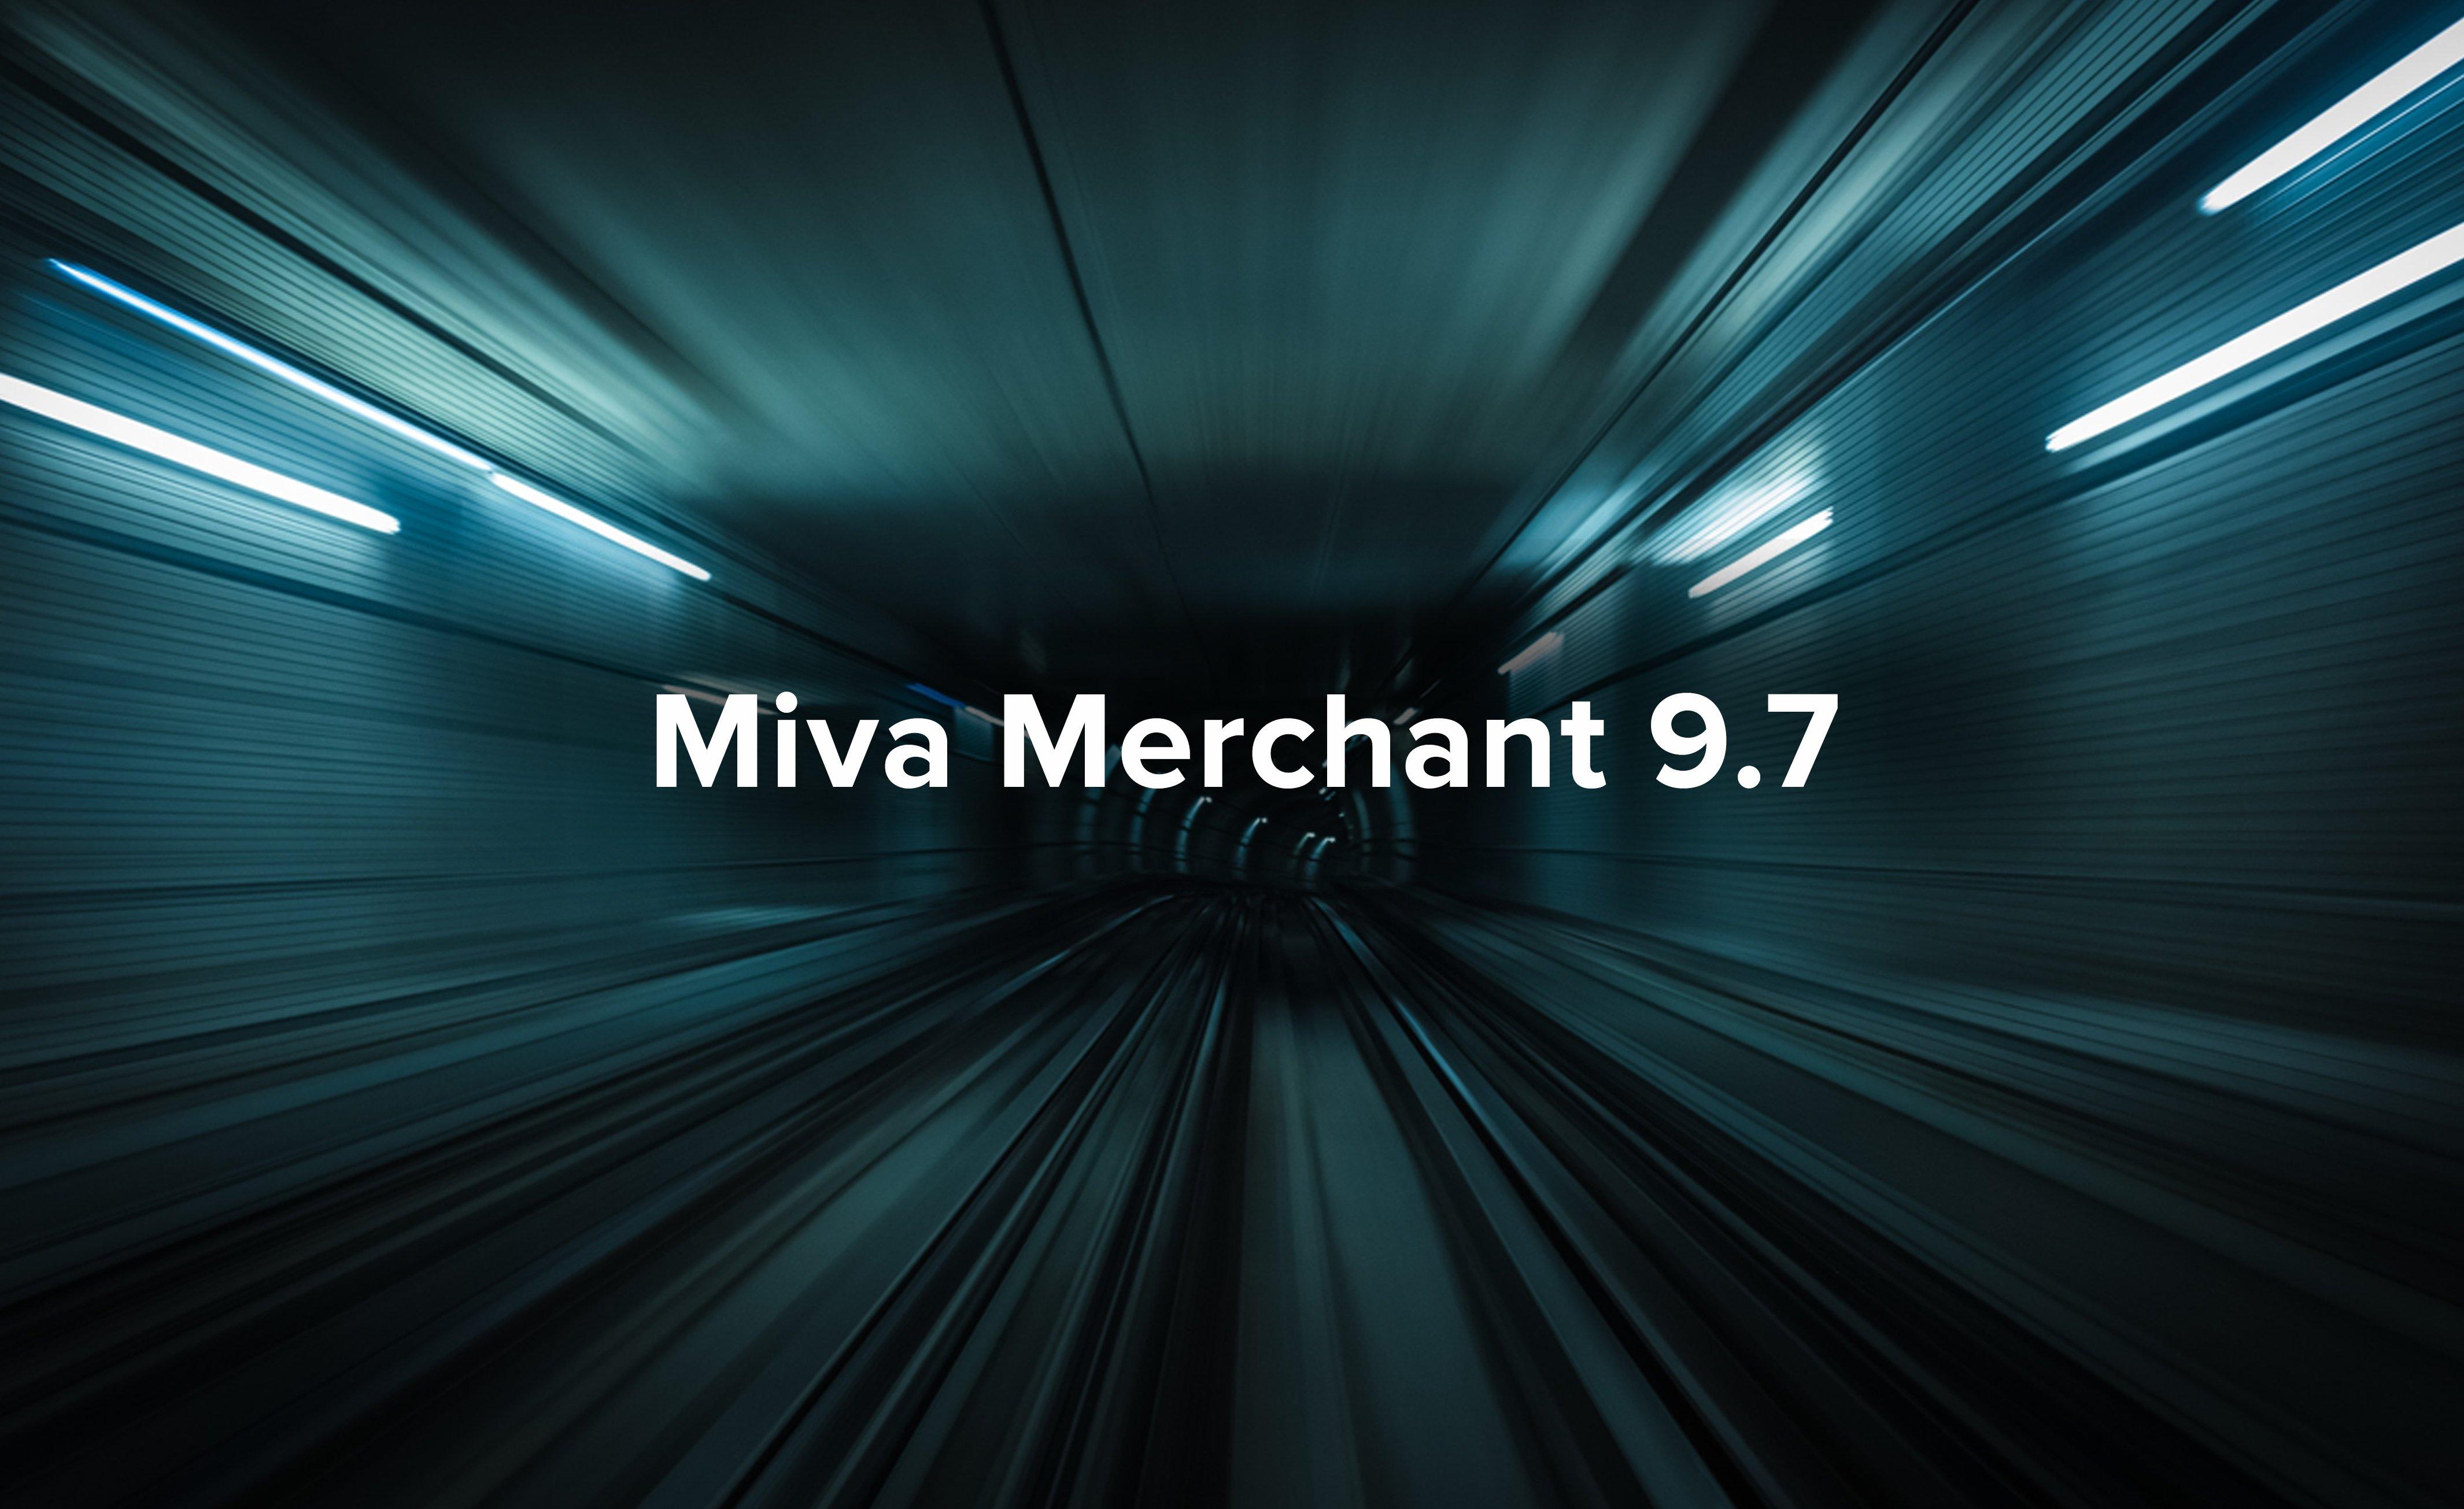 Miva Merchant 9.7